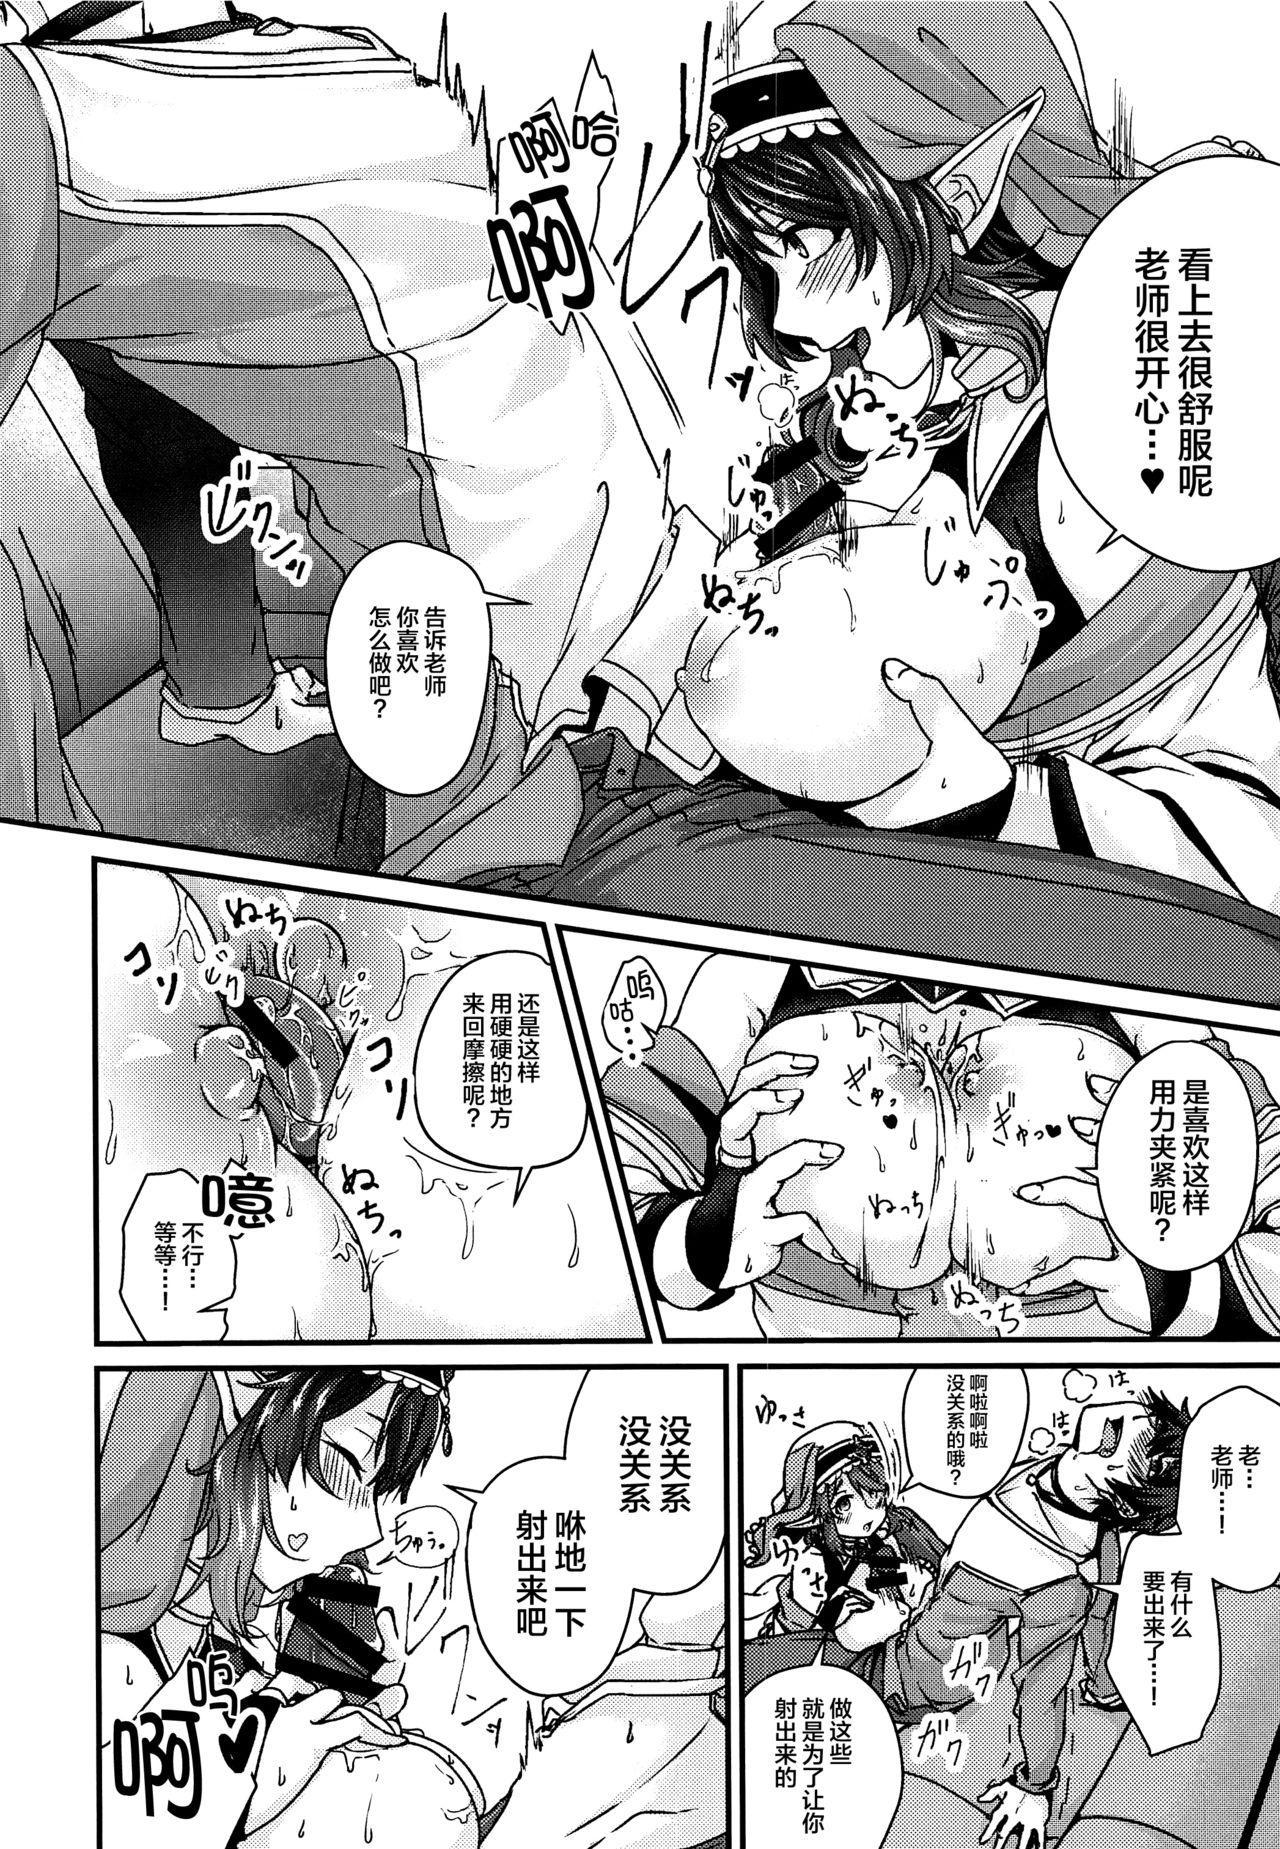 Oshiete Kudasai! Misato-sensei! 6